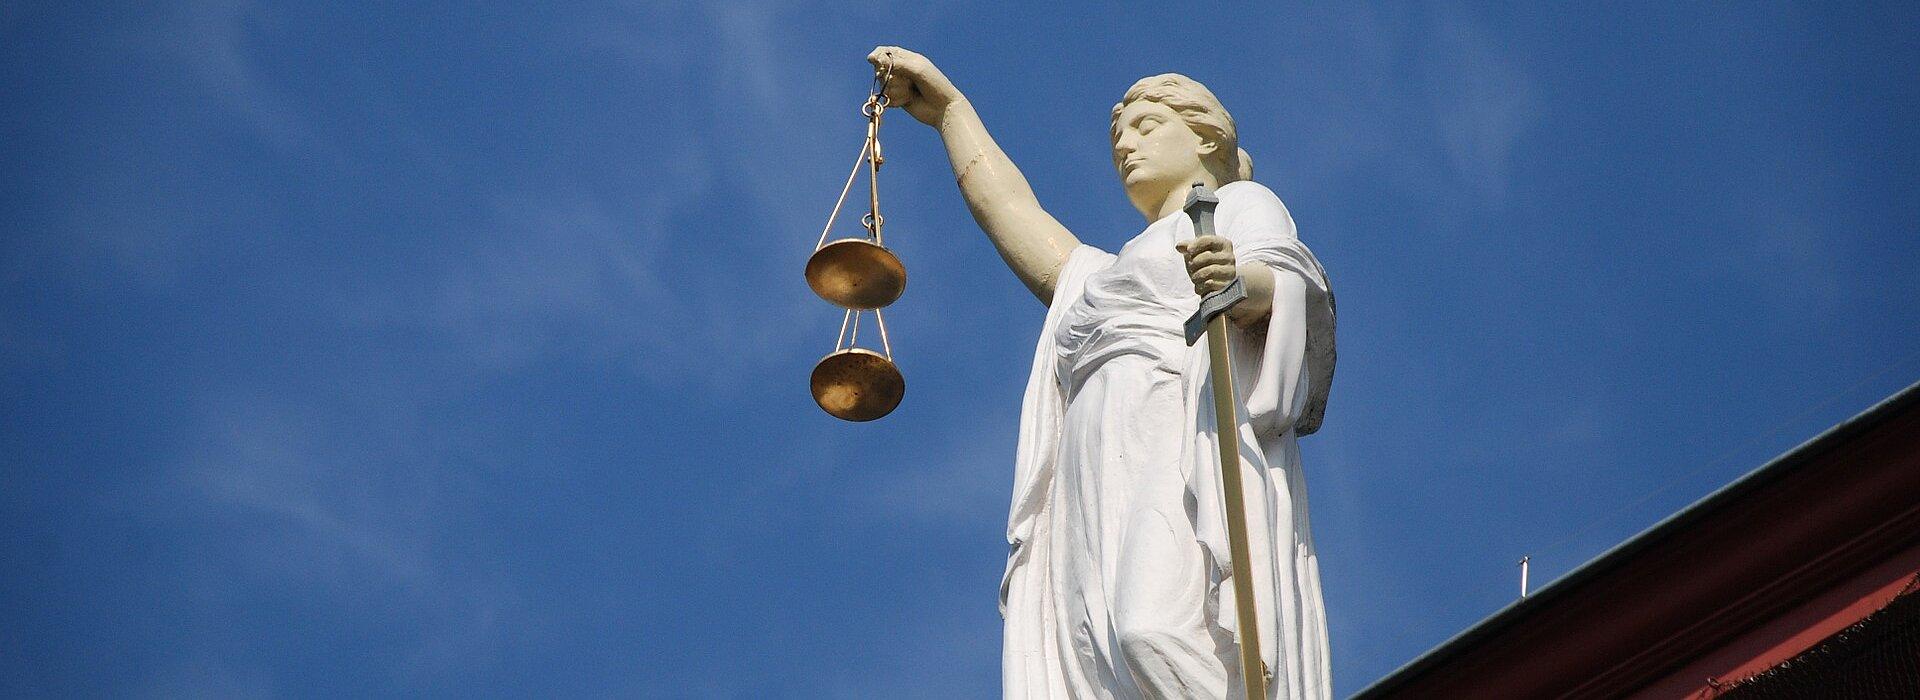 simbolo da justiça. mulher vendada com uma balança nas mãos